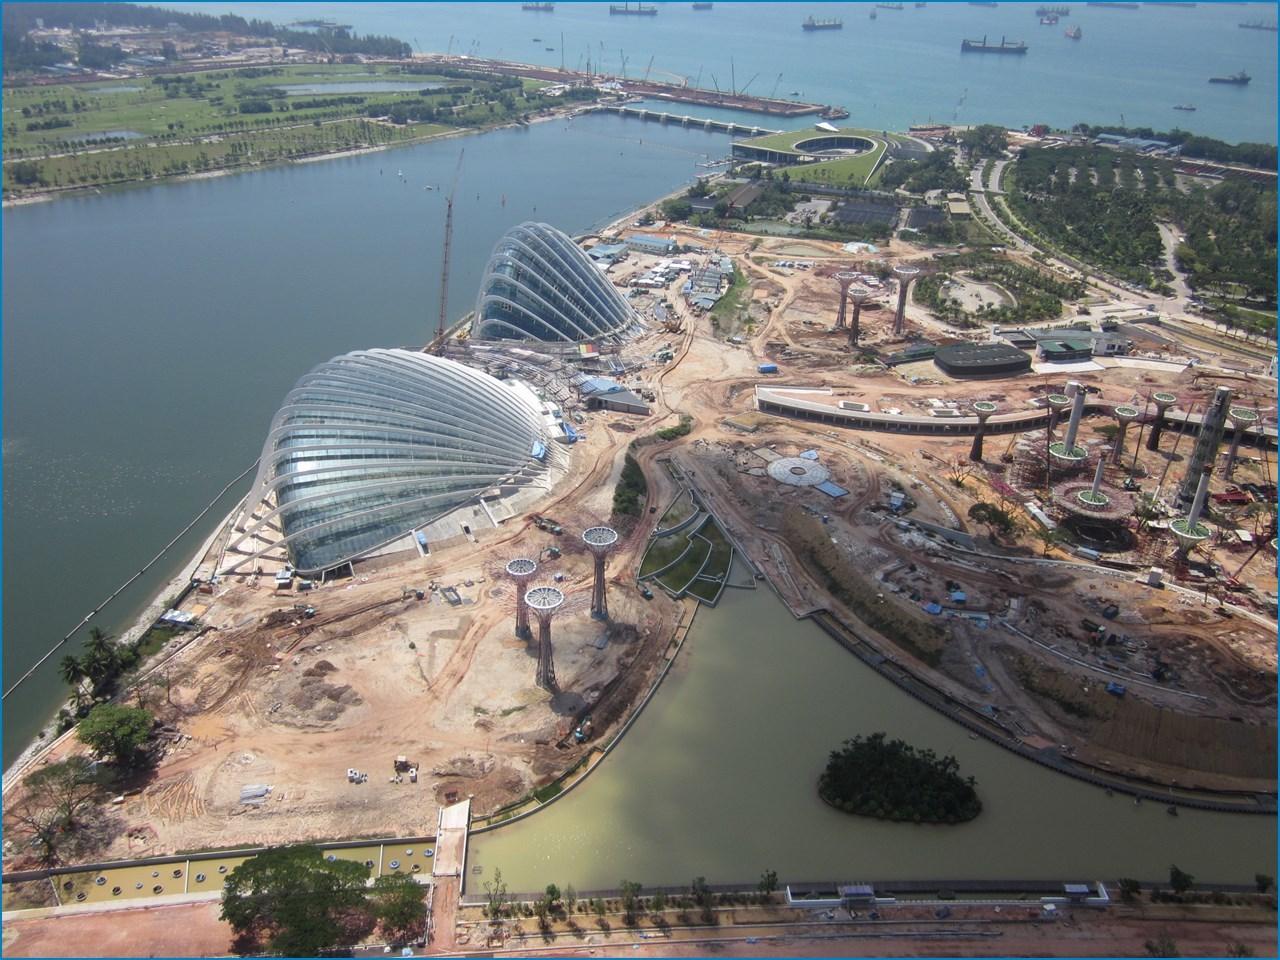 シンガポール建築見学 回想_c0376508_08261206.jpg